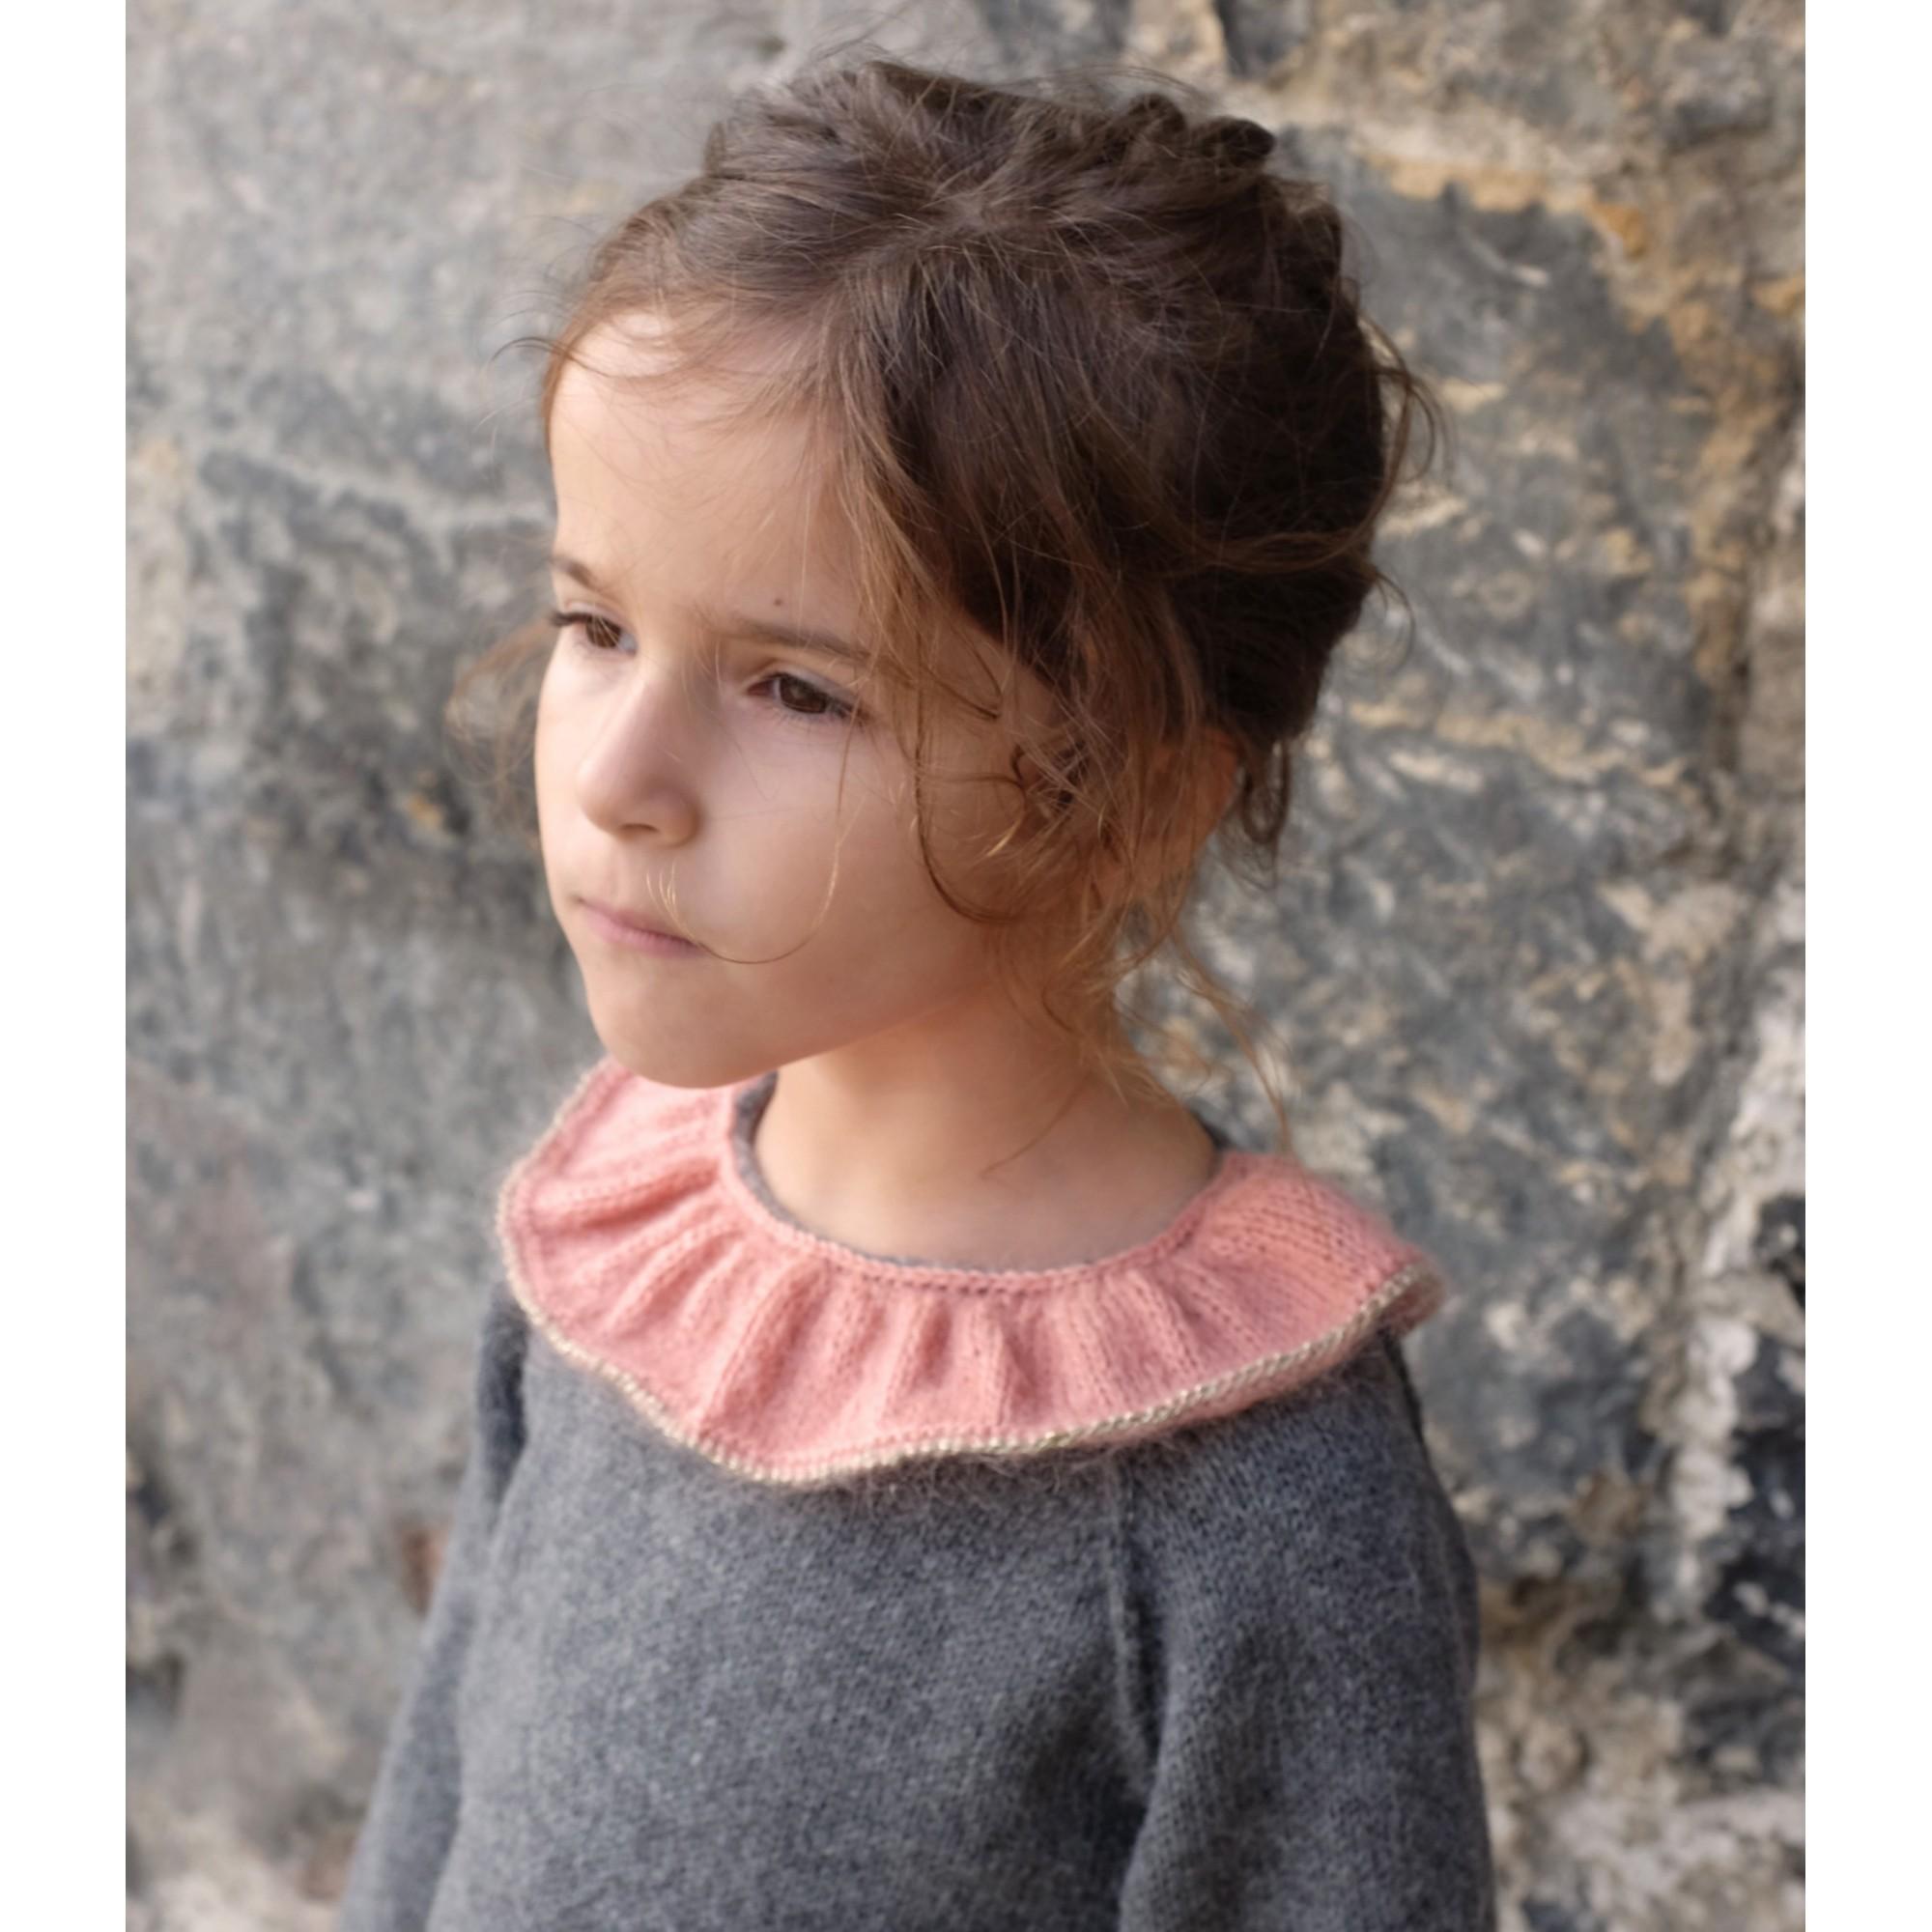 Pull Pierre pour bébé - coloris gris anthracite col vieux rose et doré - porté